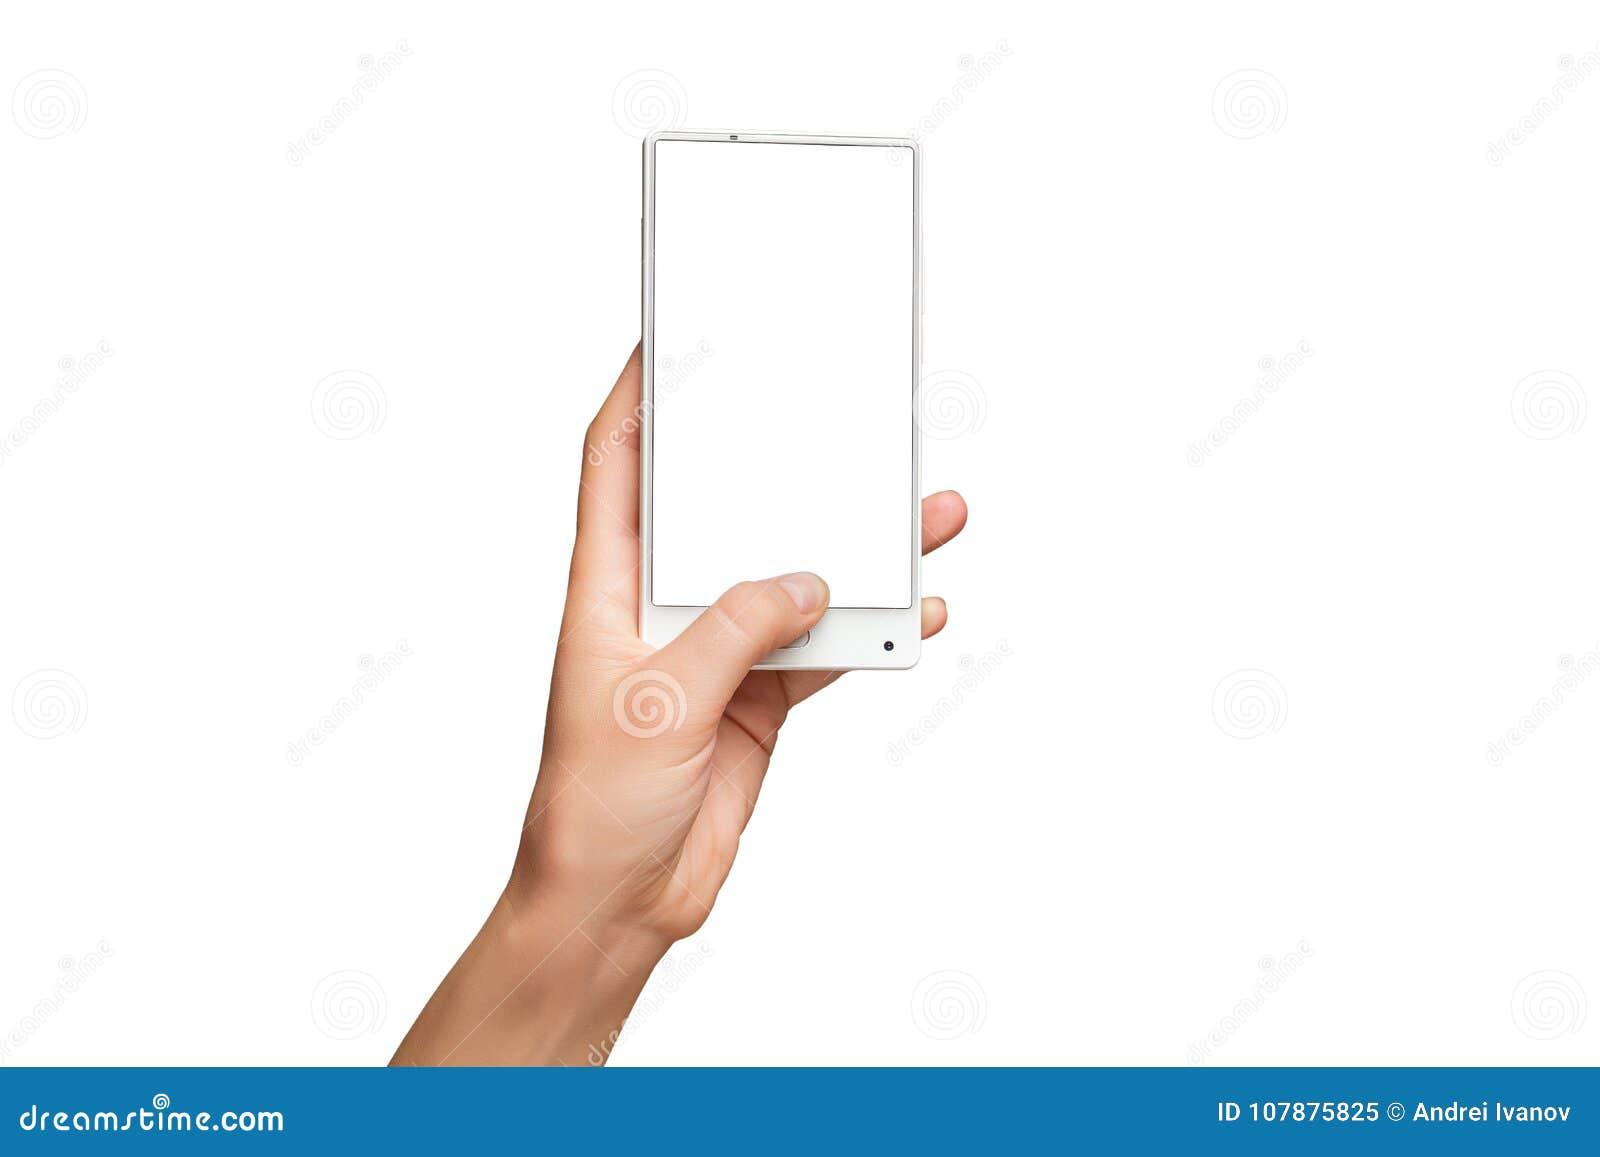 Modell der weiblichen Hand modernes weißes Mobiltelefon mit leerem Bildschirm halten